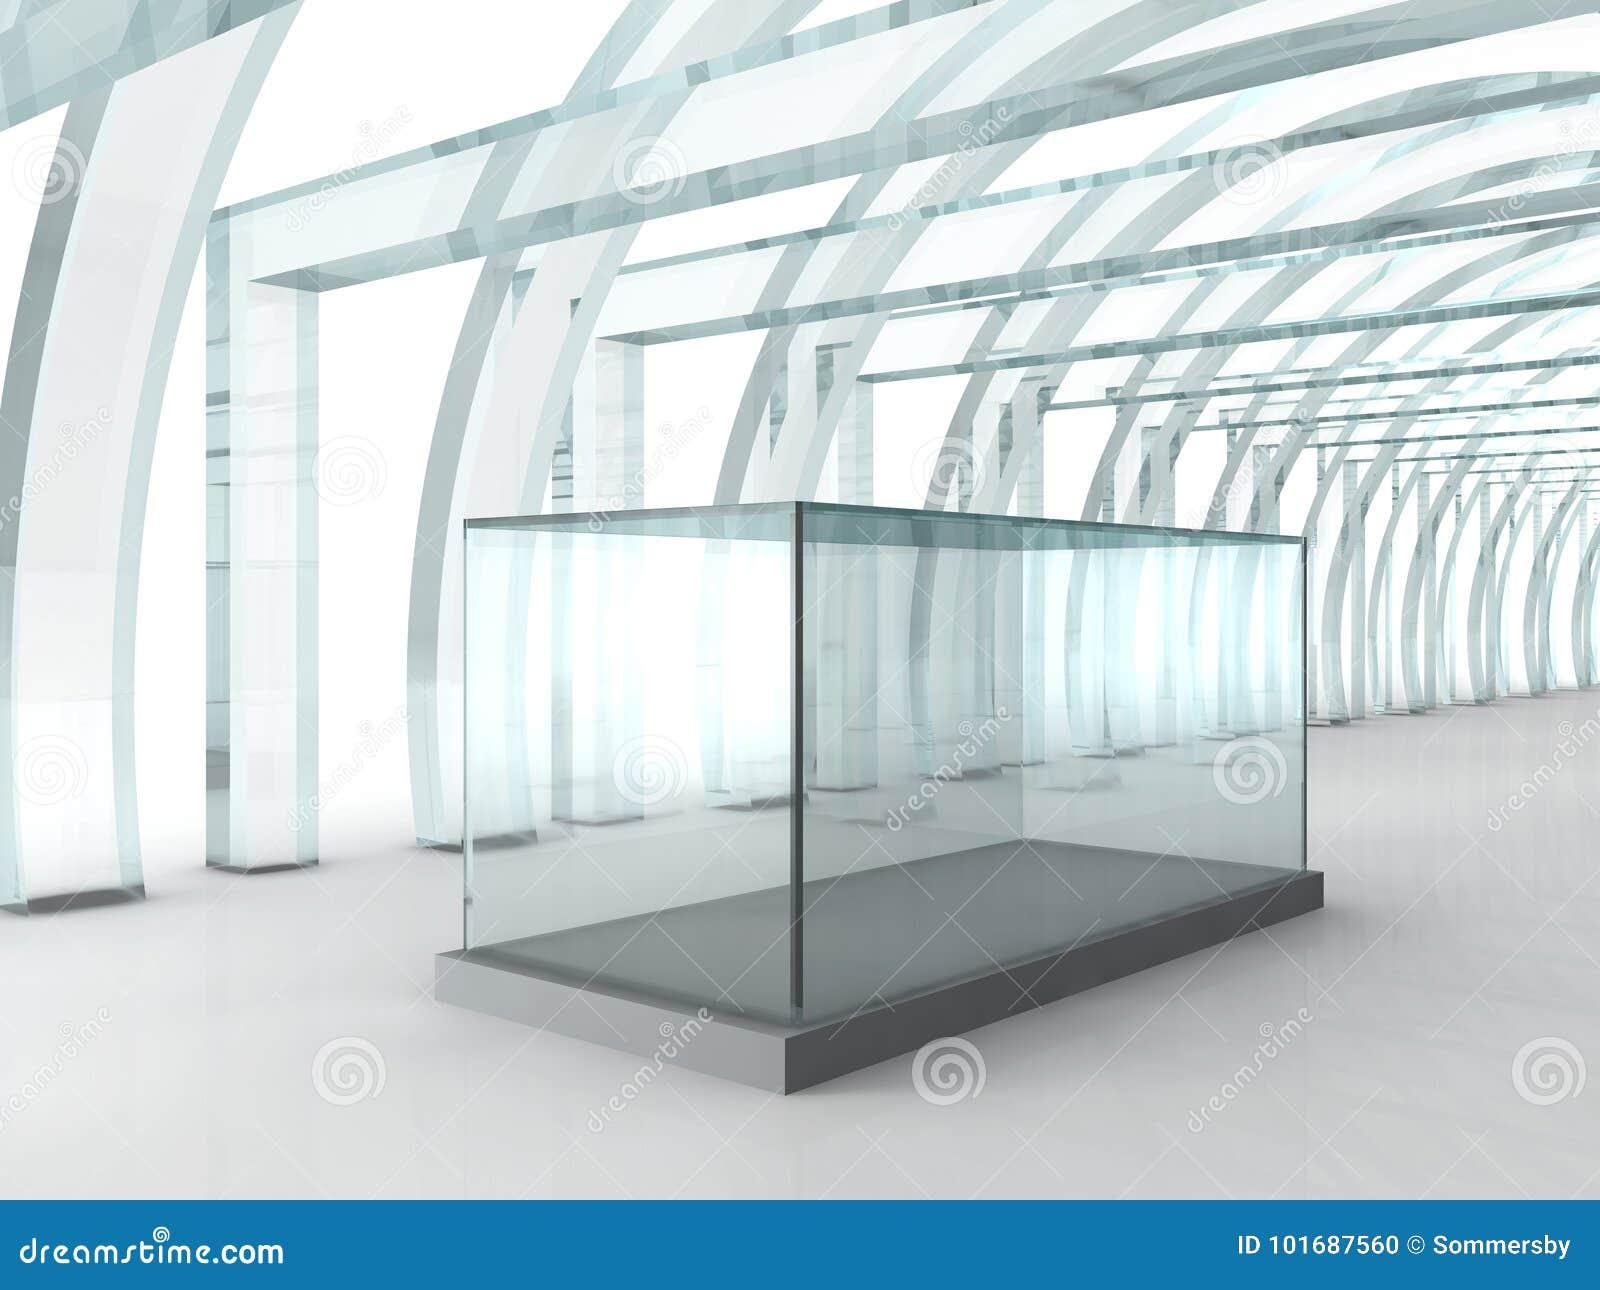 Corridoio o tunnel di vetro luminoso con la scatola di vetro per la mostra dentro